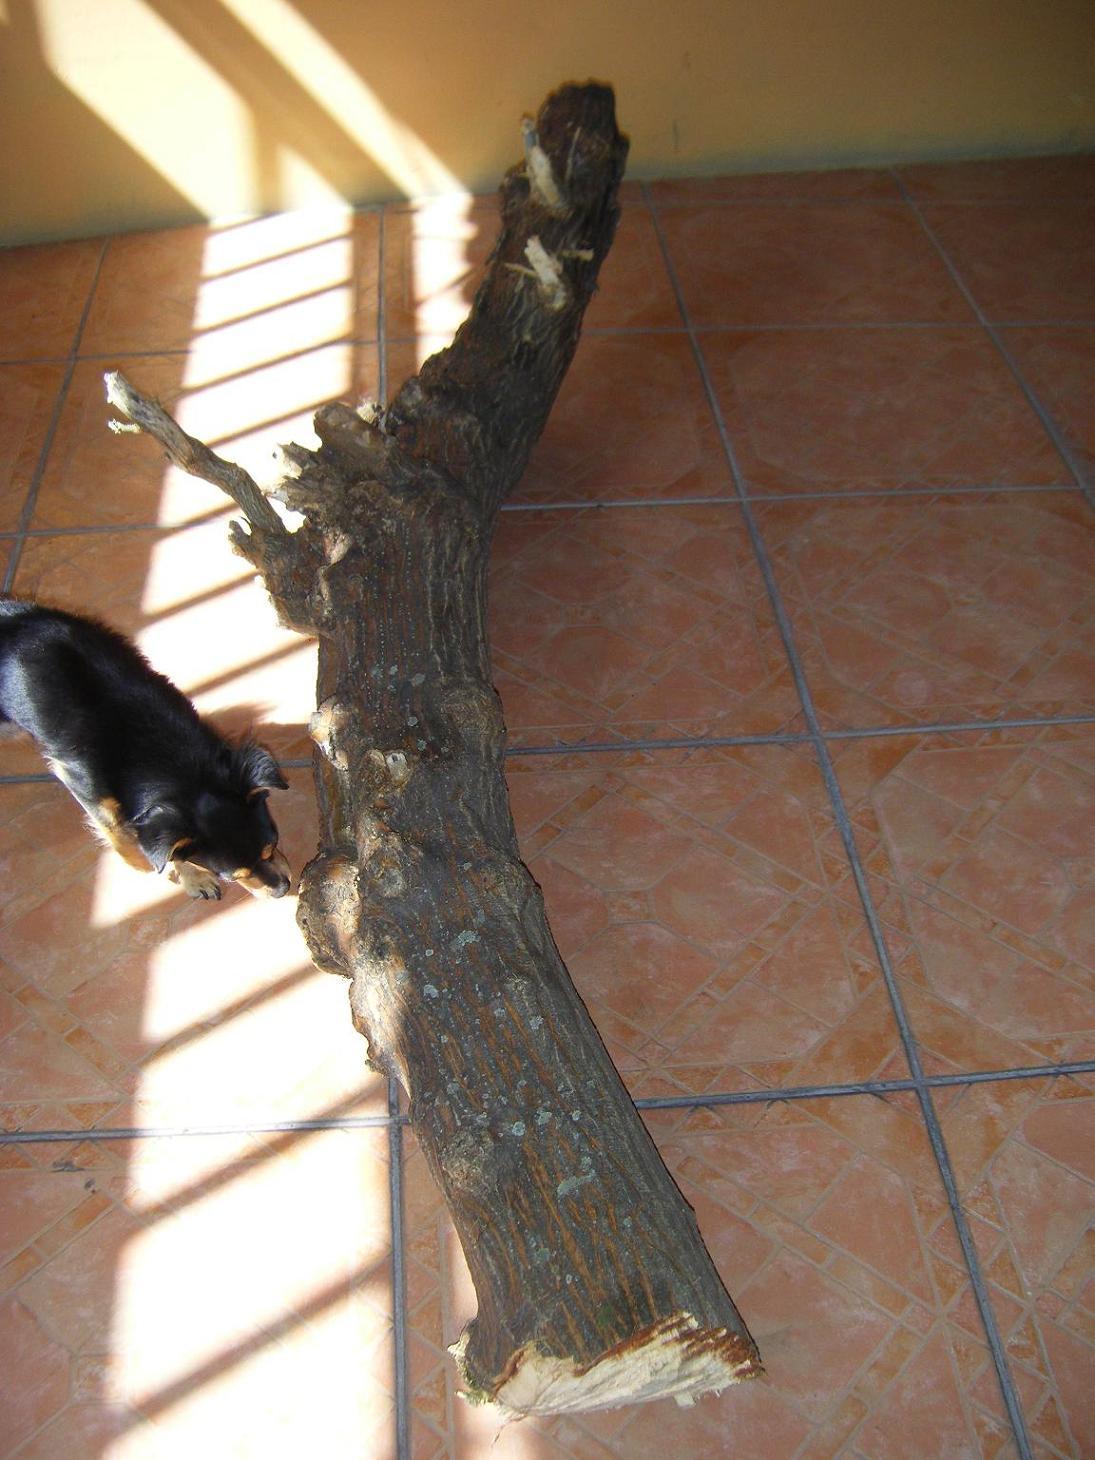 Tronco ideas para decorar un tronco en el jard n for Jardines con piedras y troncos